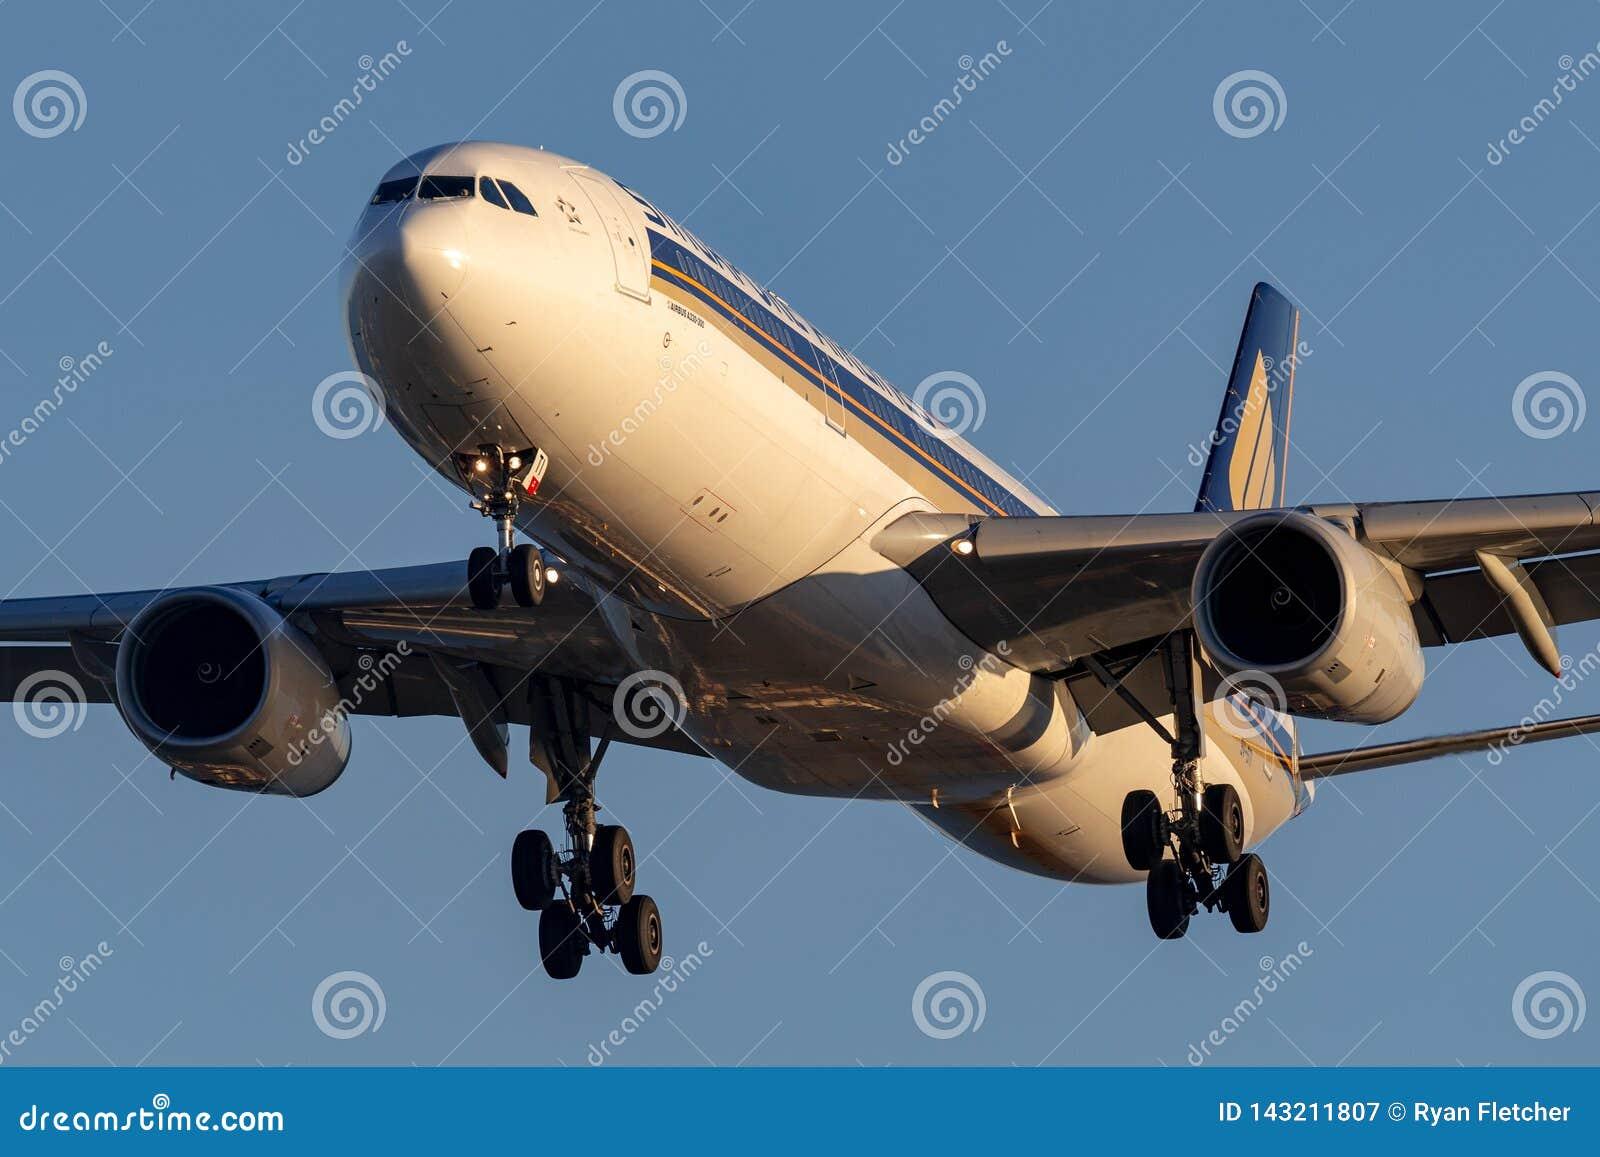 Singapore Airlines Airbus A330-343 9V-STI en el acercamiento a aterrizar en Adelaide Airport